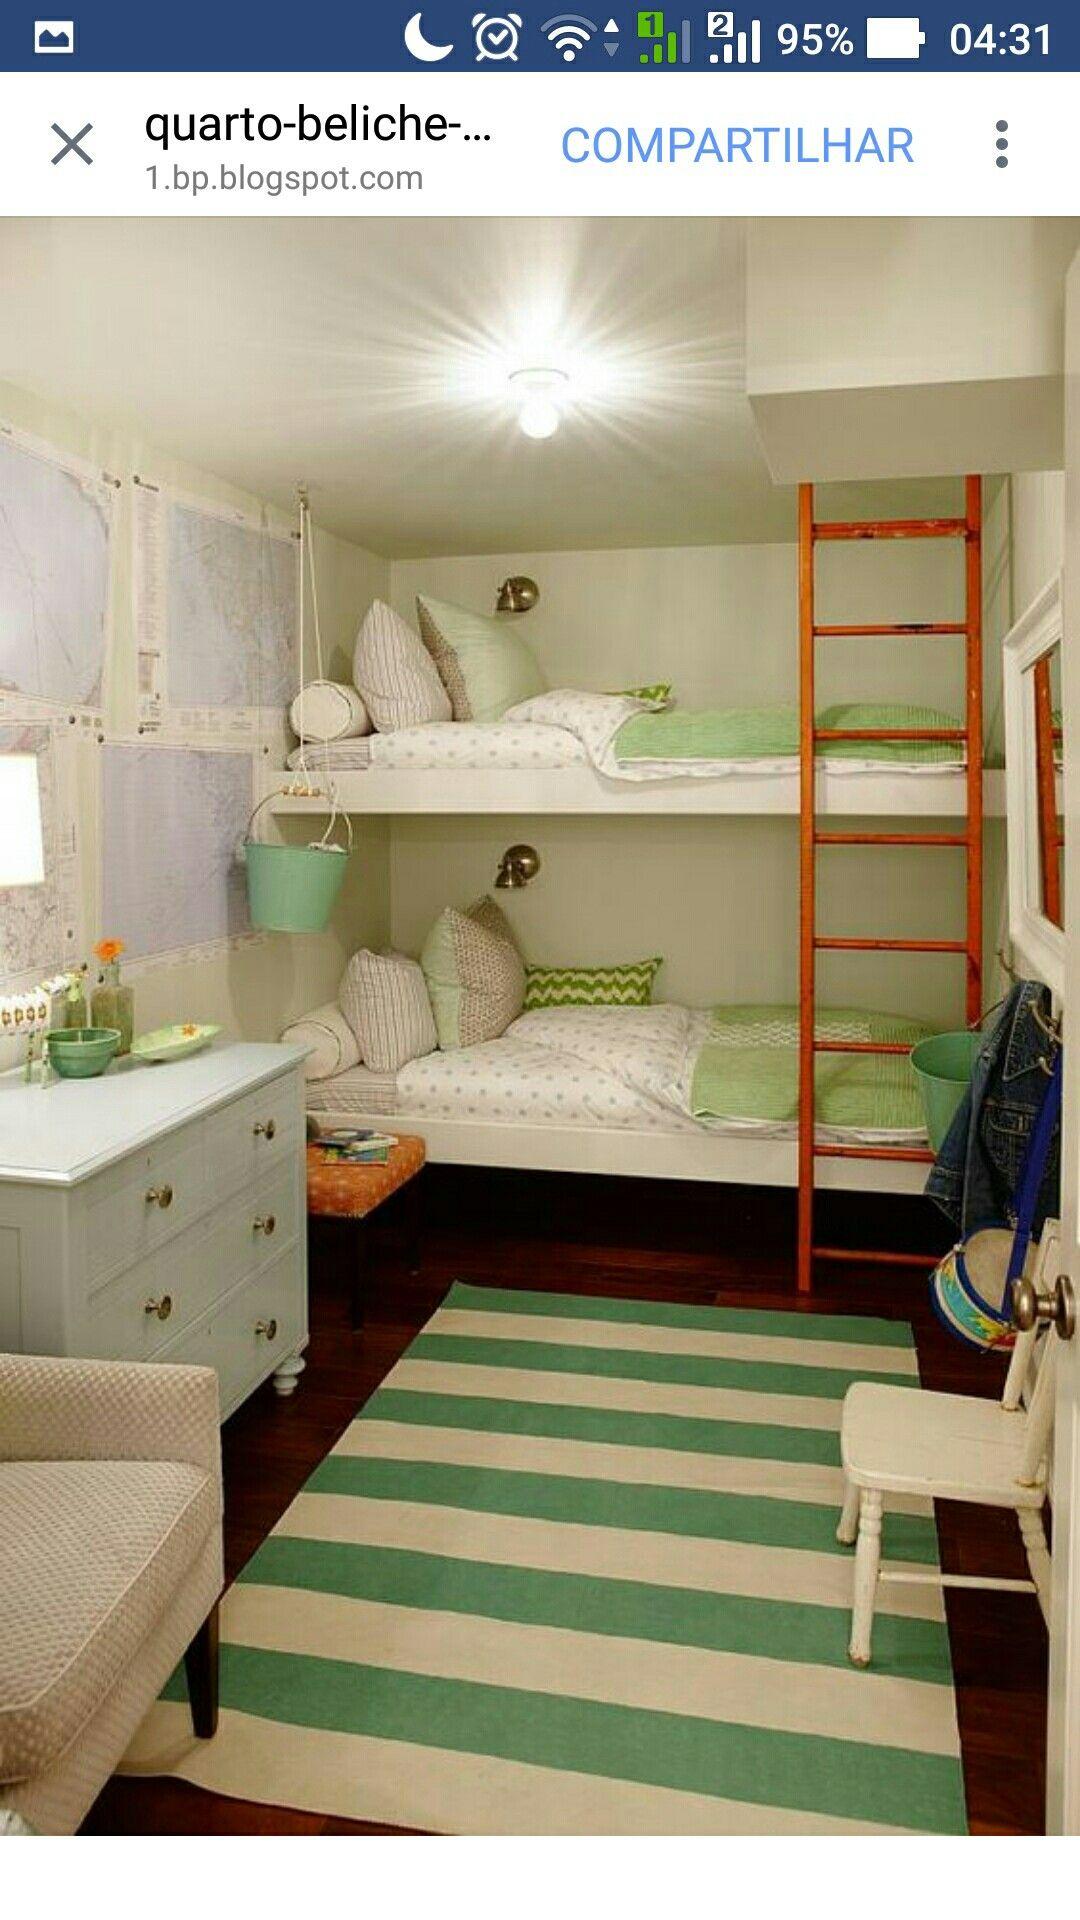 Kinderzimmer, Schlafzimmer Ideen, Natur, Eingebaute Kojen, Eingebaut,  Etagenzimmer, Dachgeschoss Schlafzimmer, Spielzimmer, Mädchenschlafzimmer